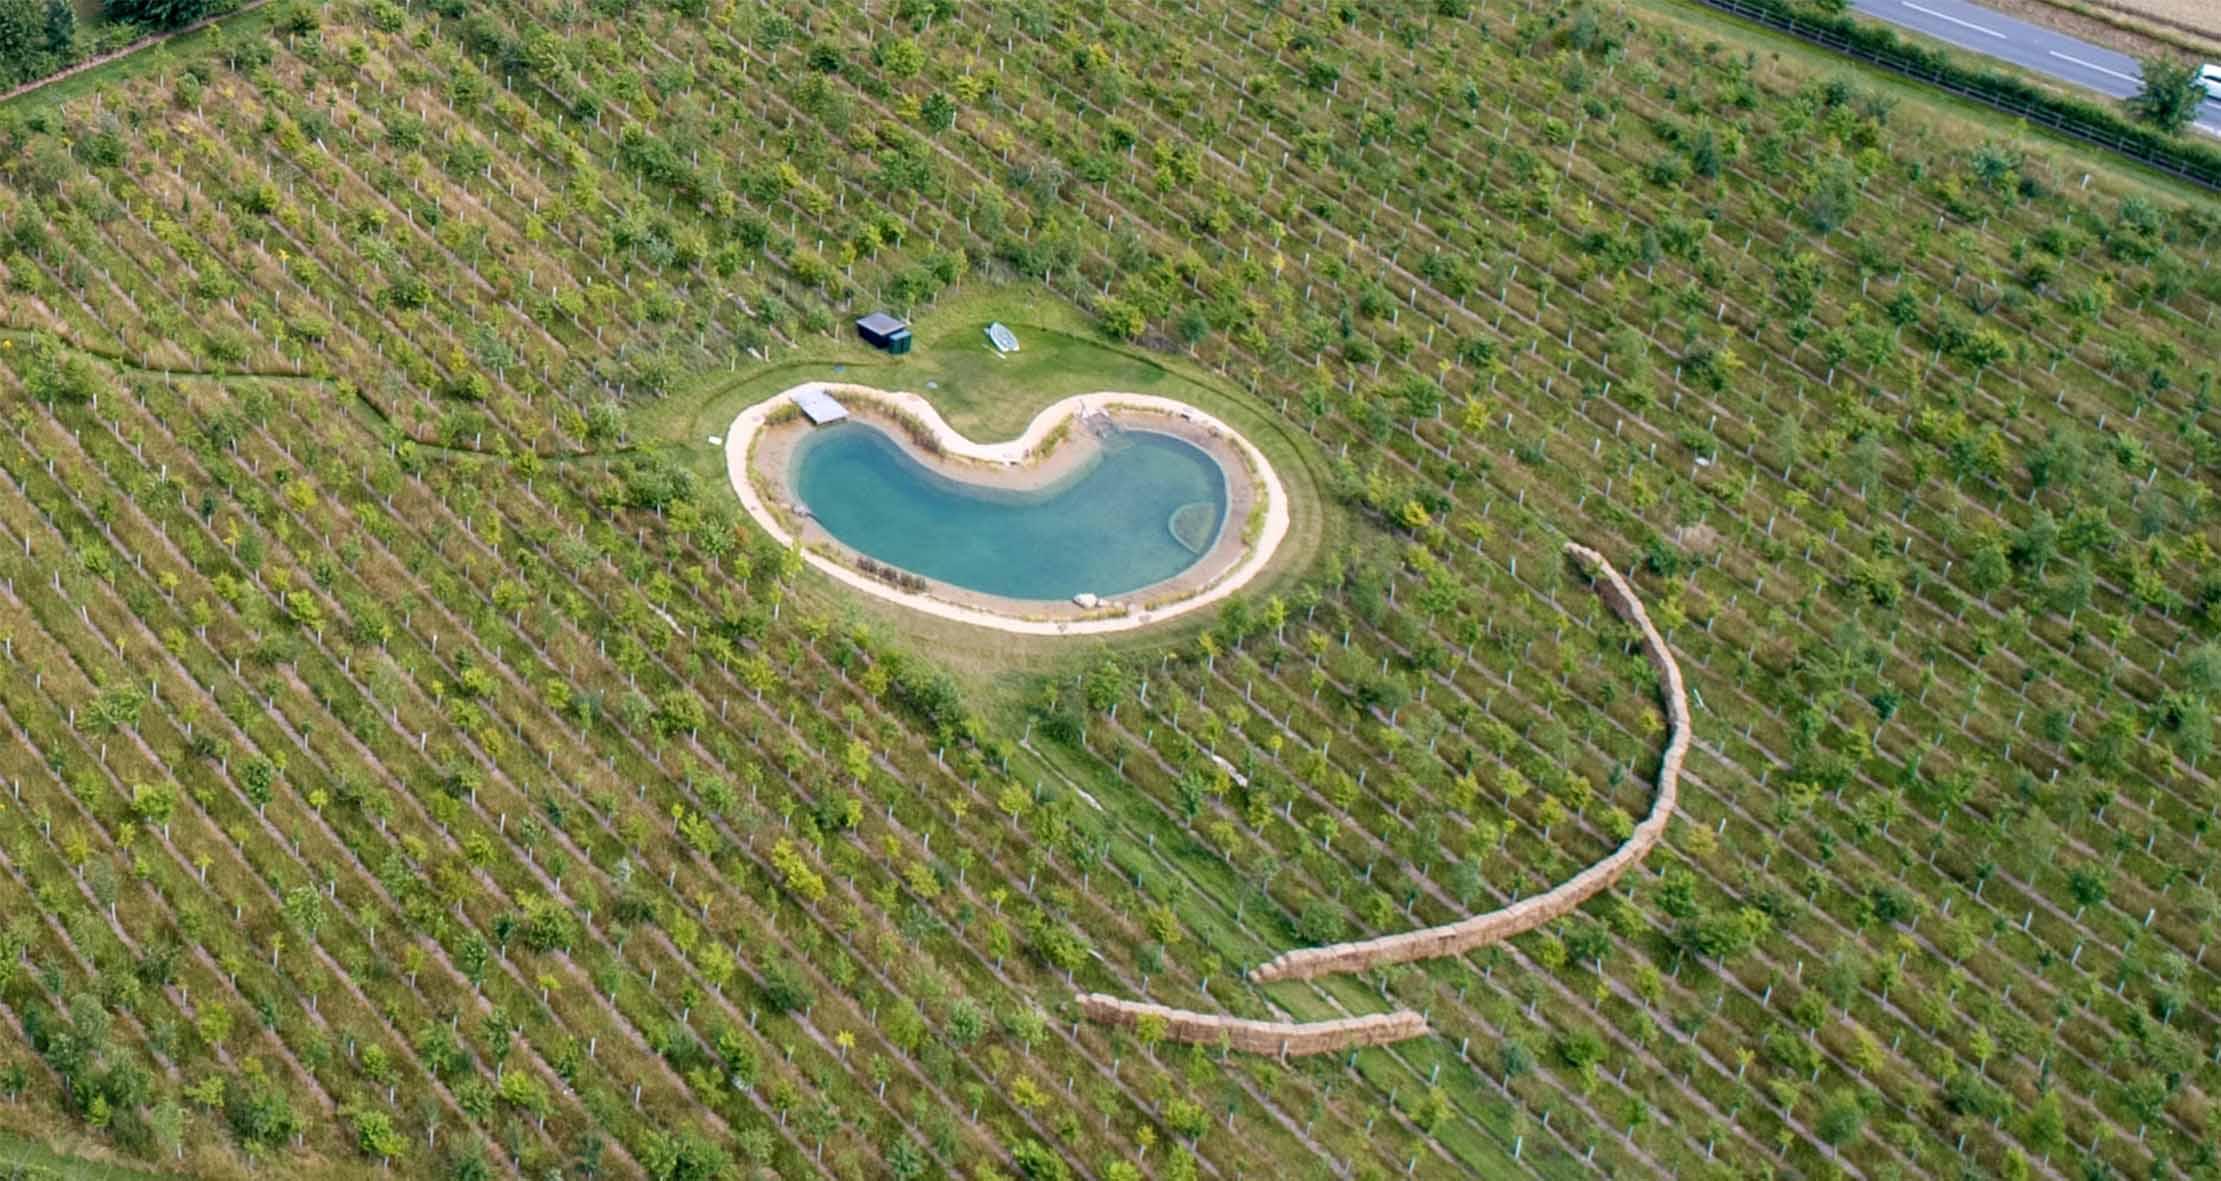 La piscina costruita nella tenuta di Ed Sheeran